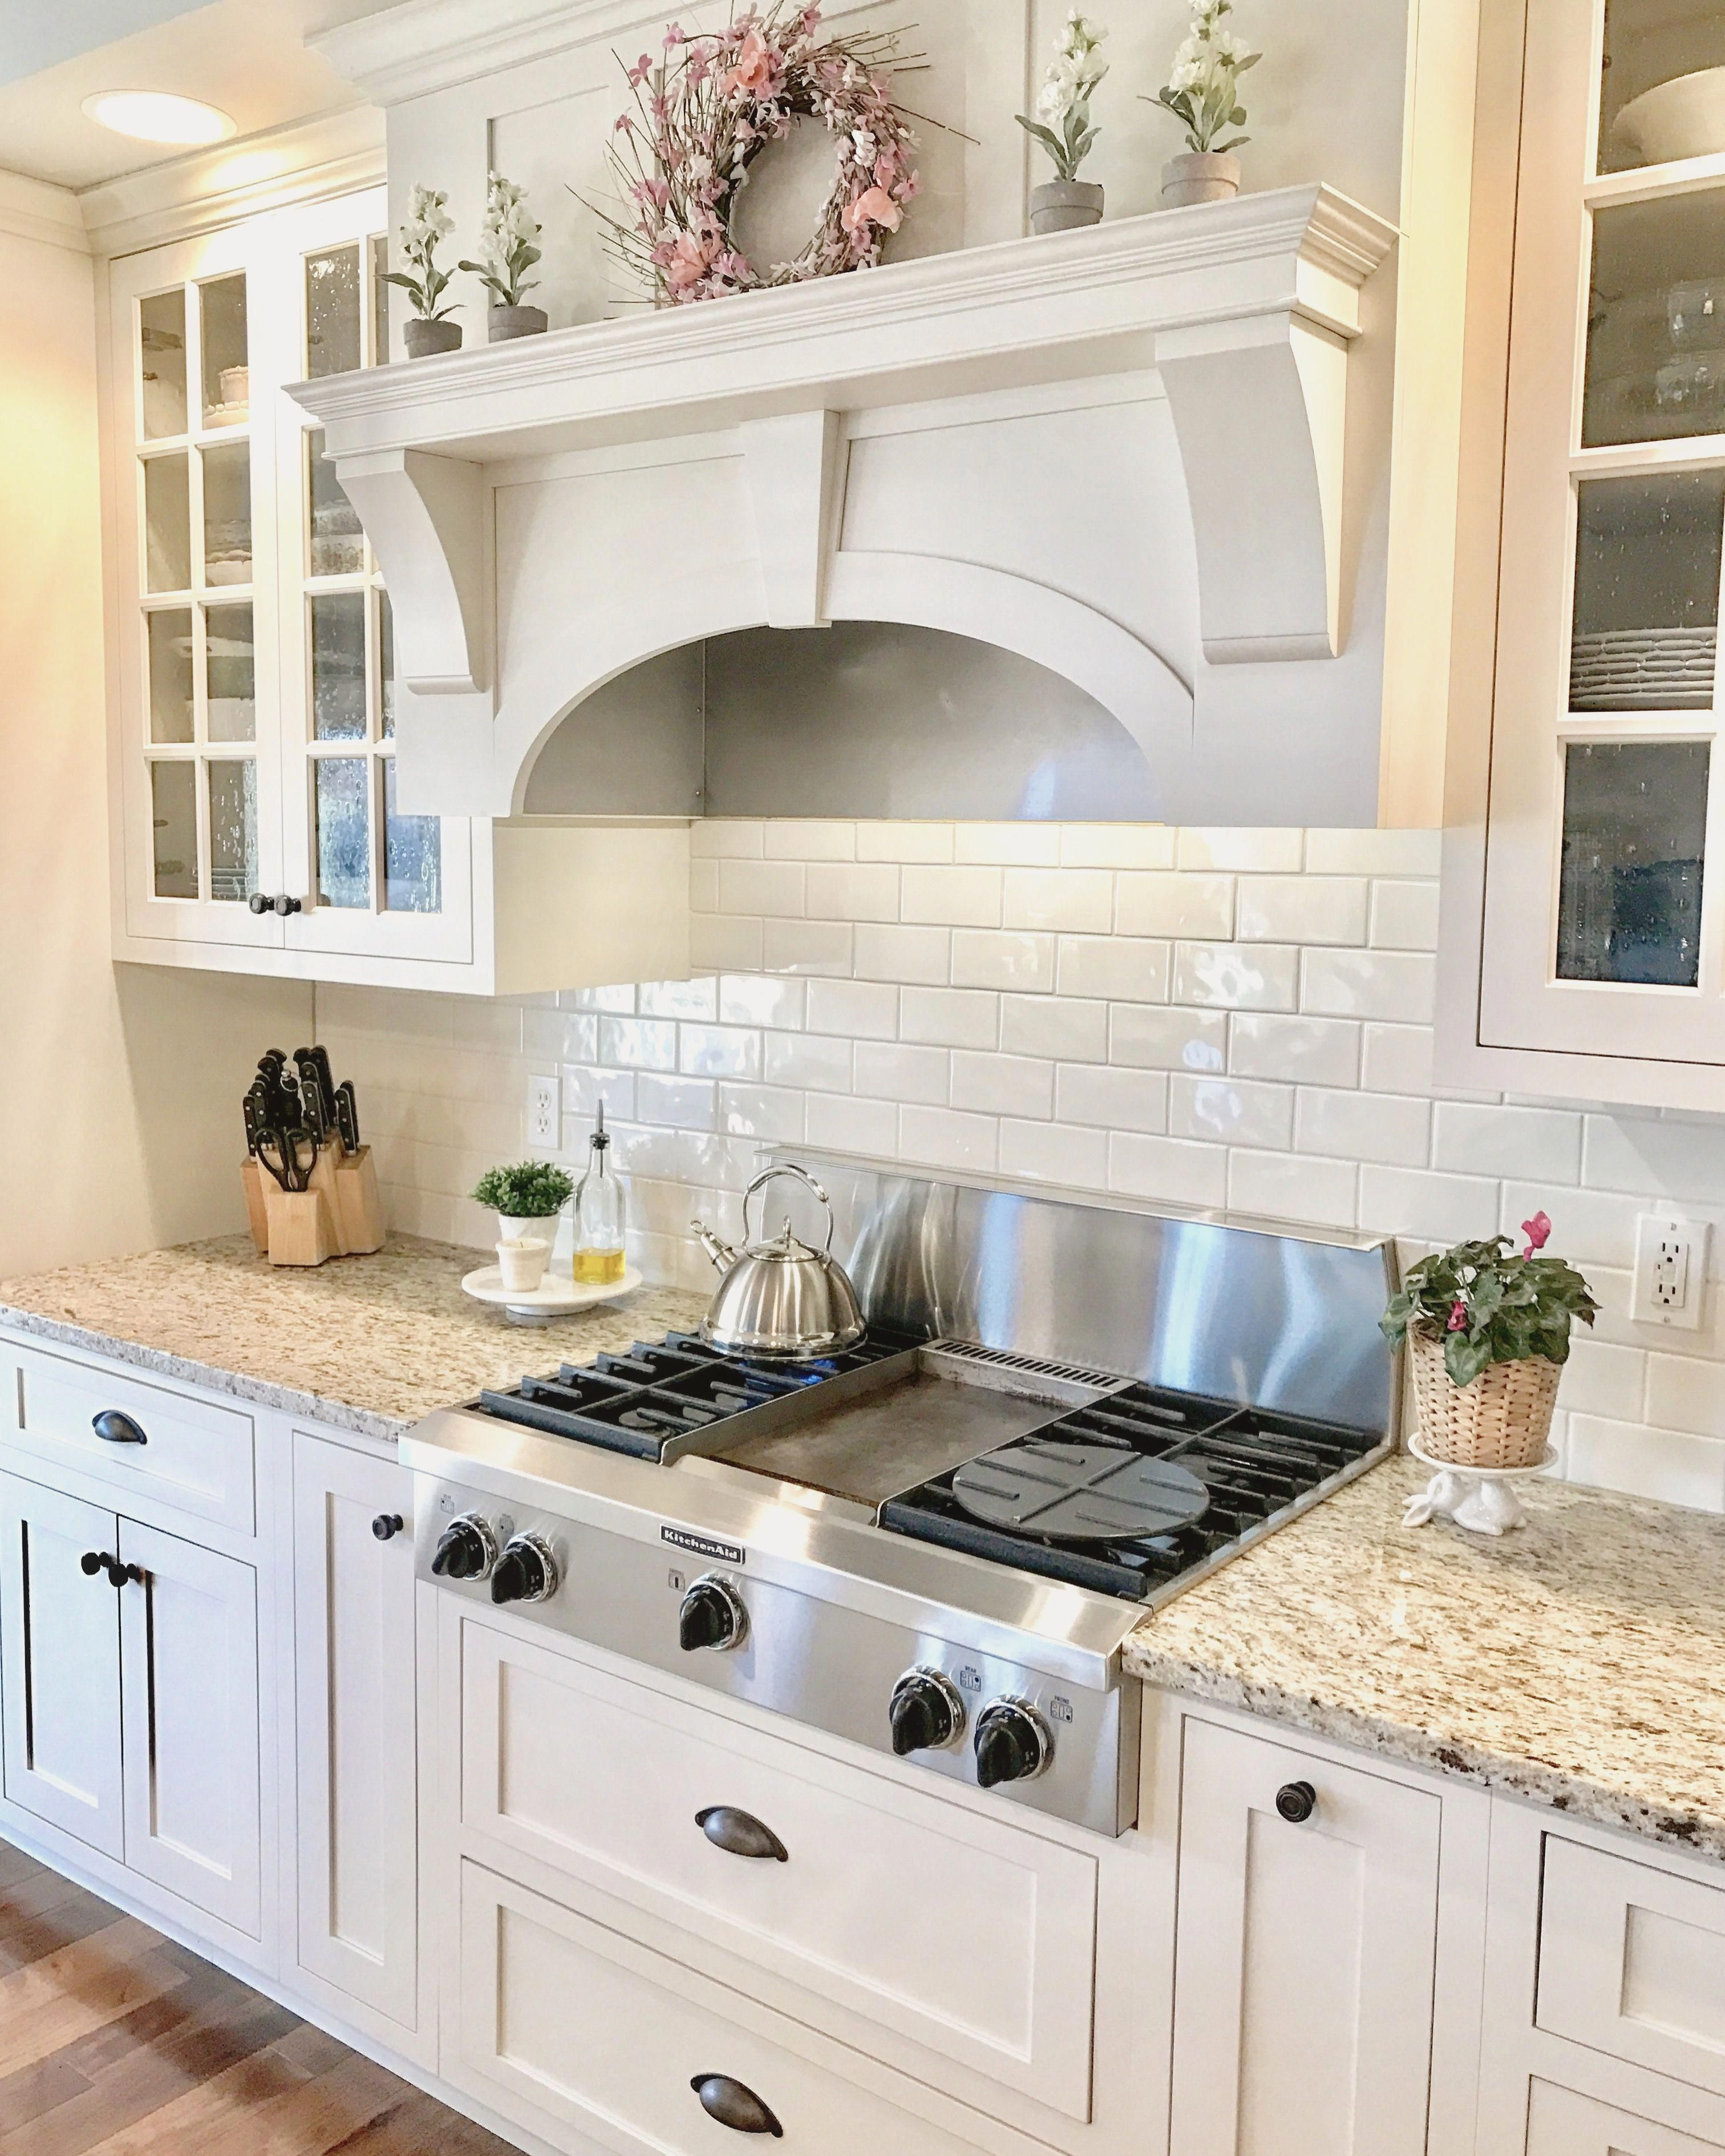 Cool Antique Kitchen Cabinets Antique White Kitchen Antique White Kitchen Cabinets Kitchen Cabinets Decor